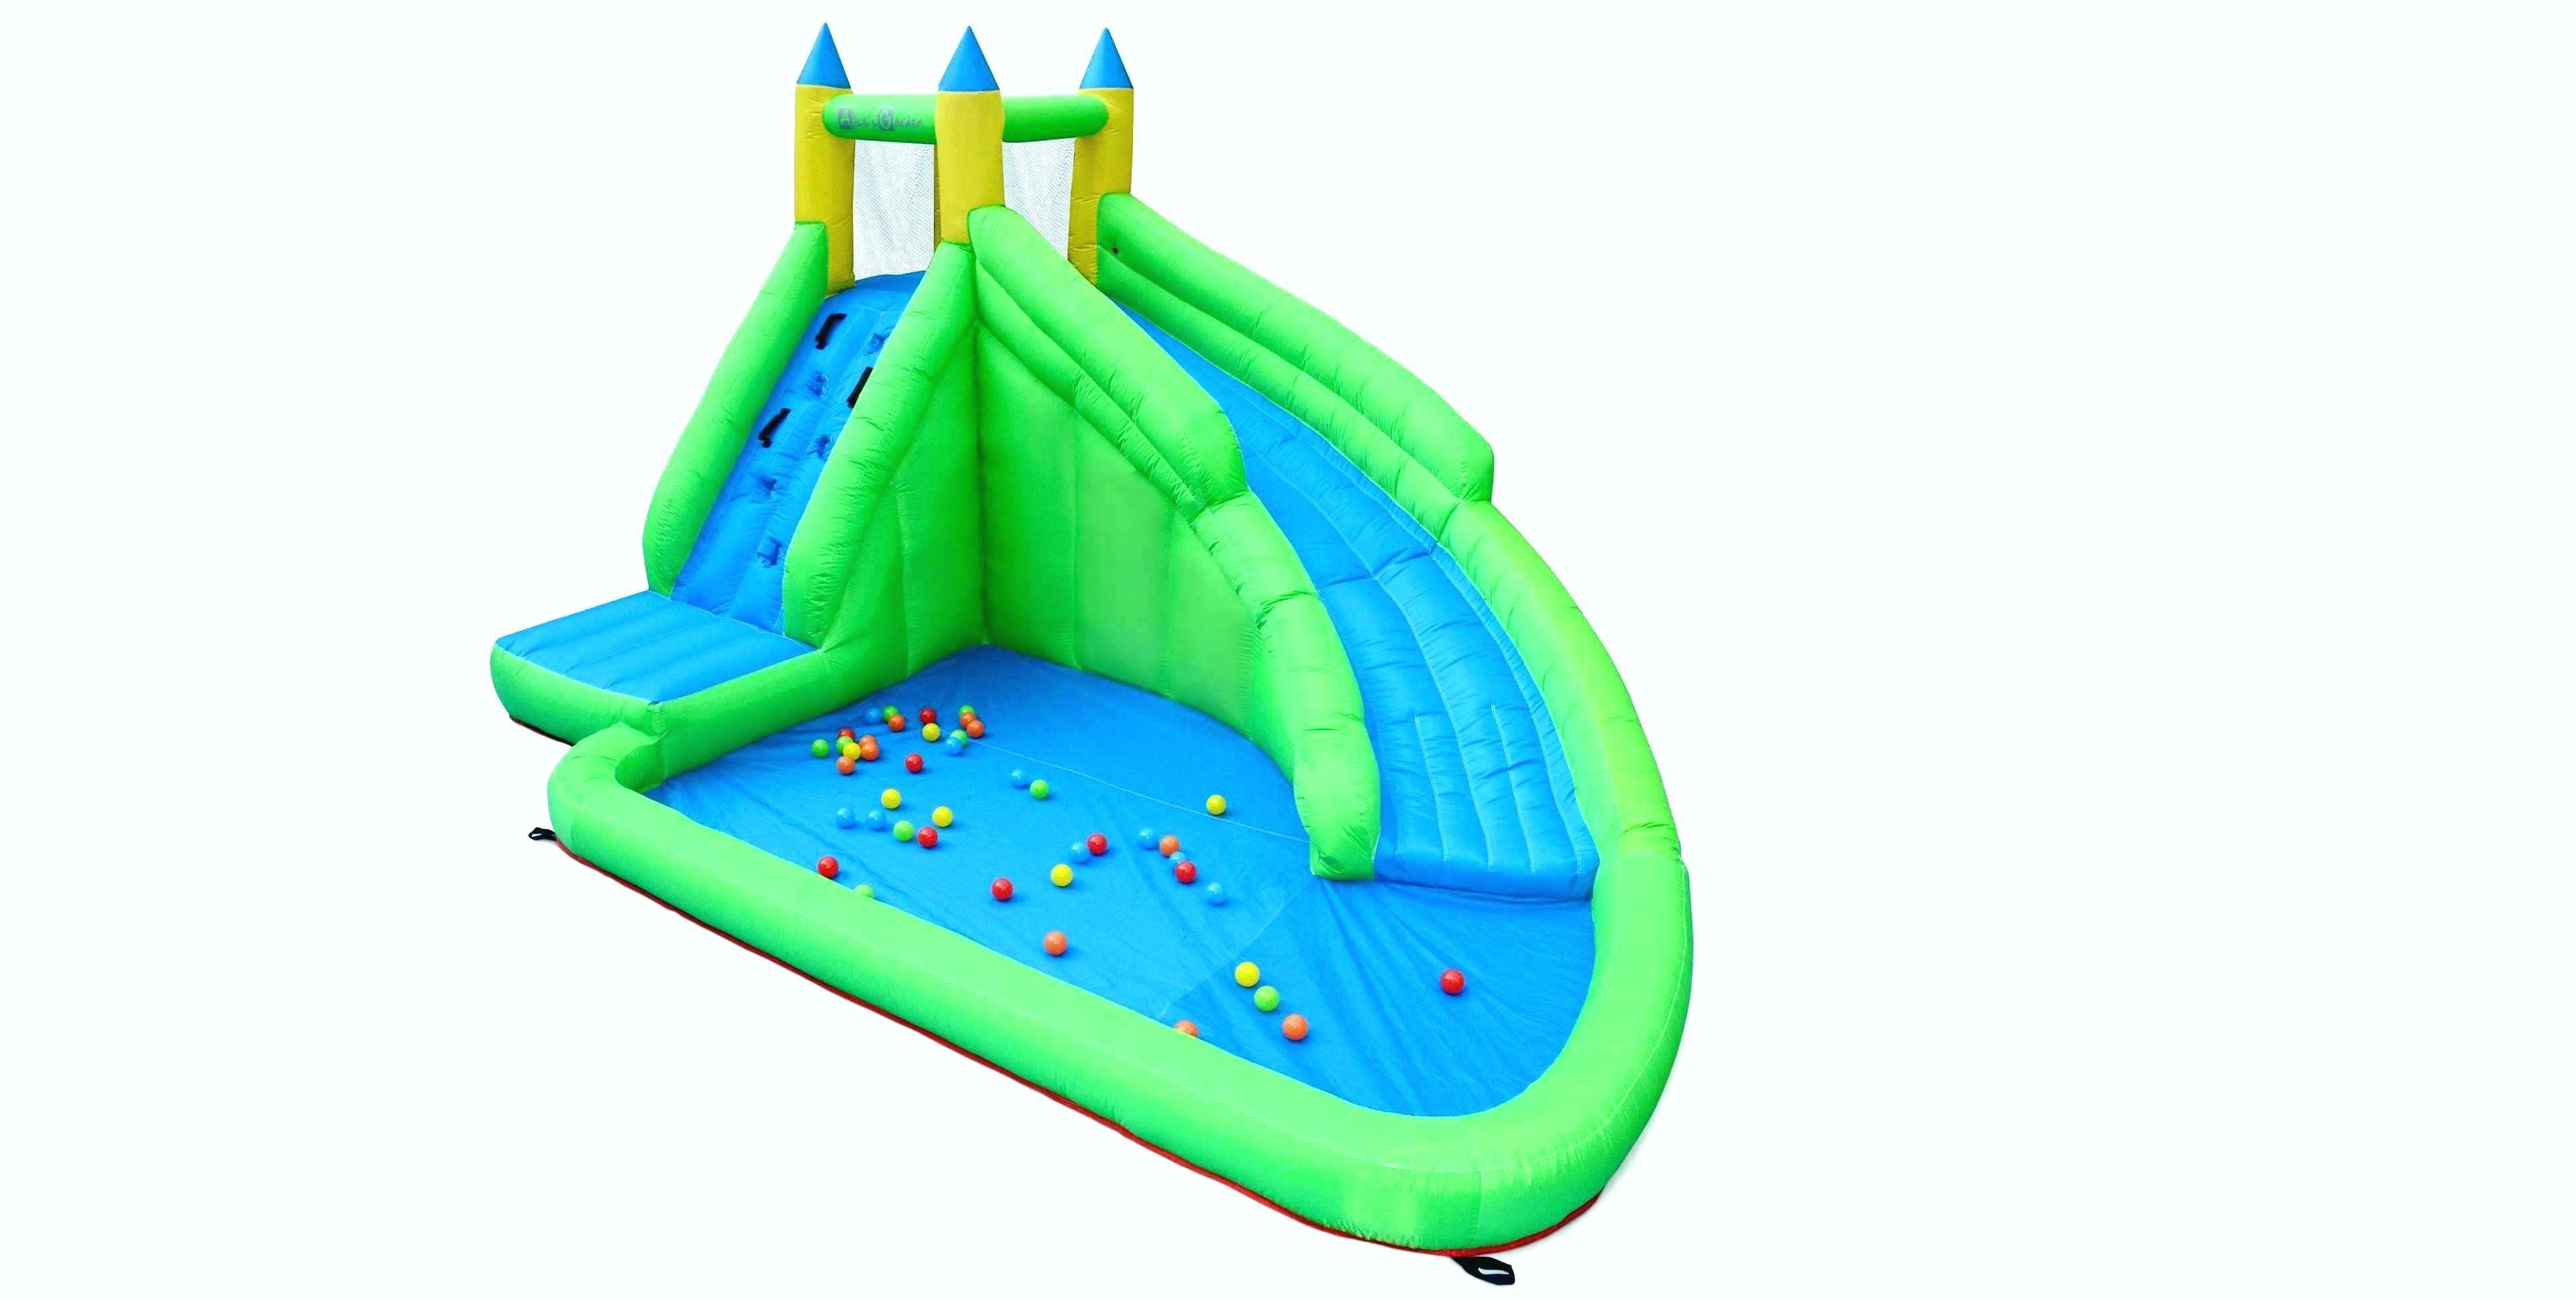 Lit Gonflable Enfant Nouveau Gracieux Piscine Intex Enfant Dans Matelas Gonflable Piscine Gifi